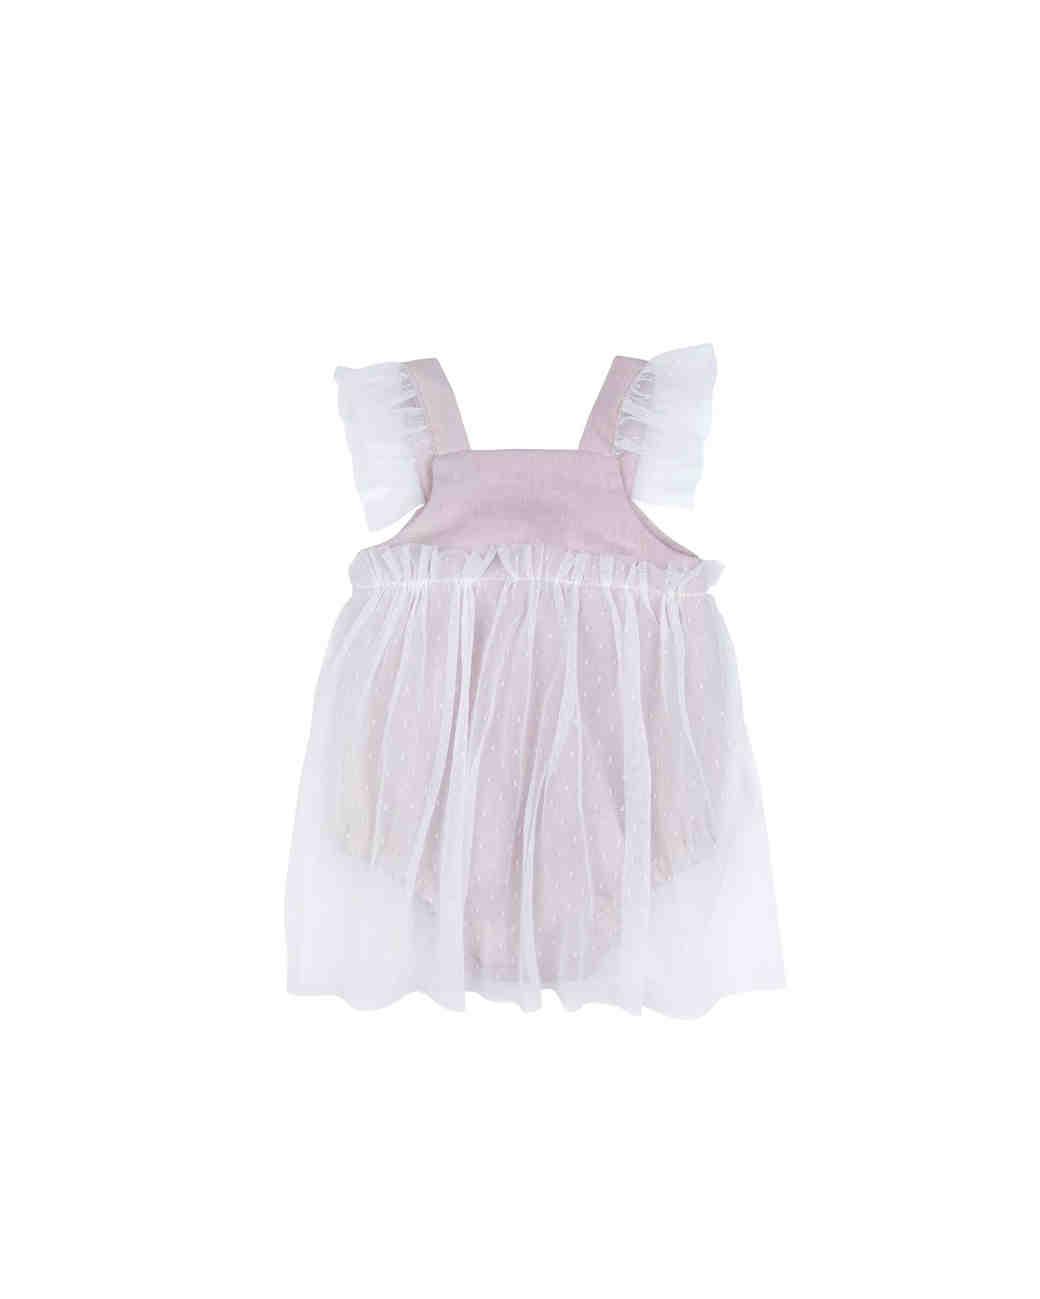 Bebe Organic Sleeveless Flower Girl Dress Romper